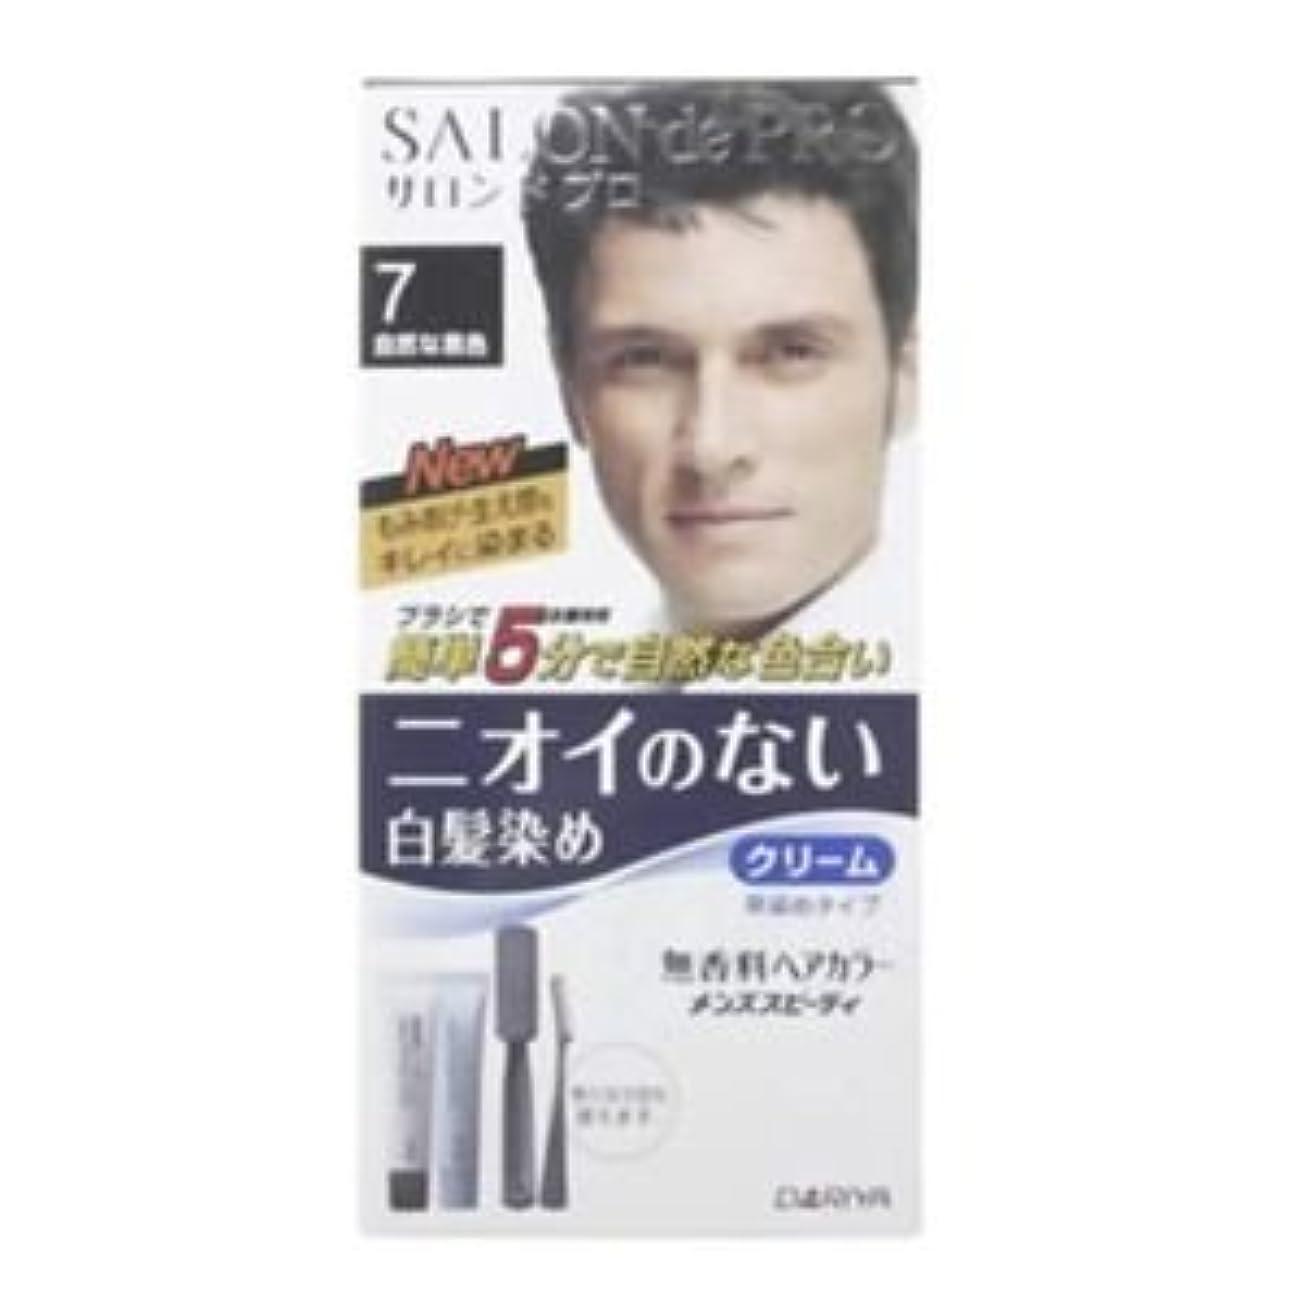 買う機械実用的サロンドプロ 無香料ヘアカラー メンズスピーディ (自然な黒色) 4セット